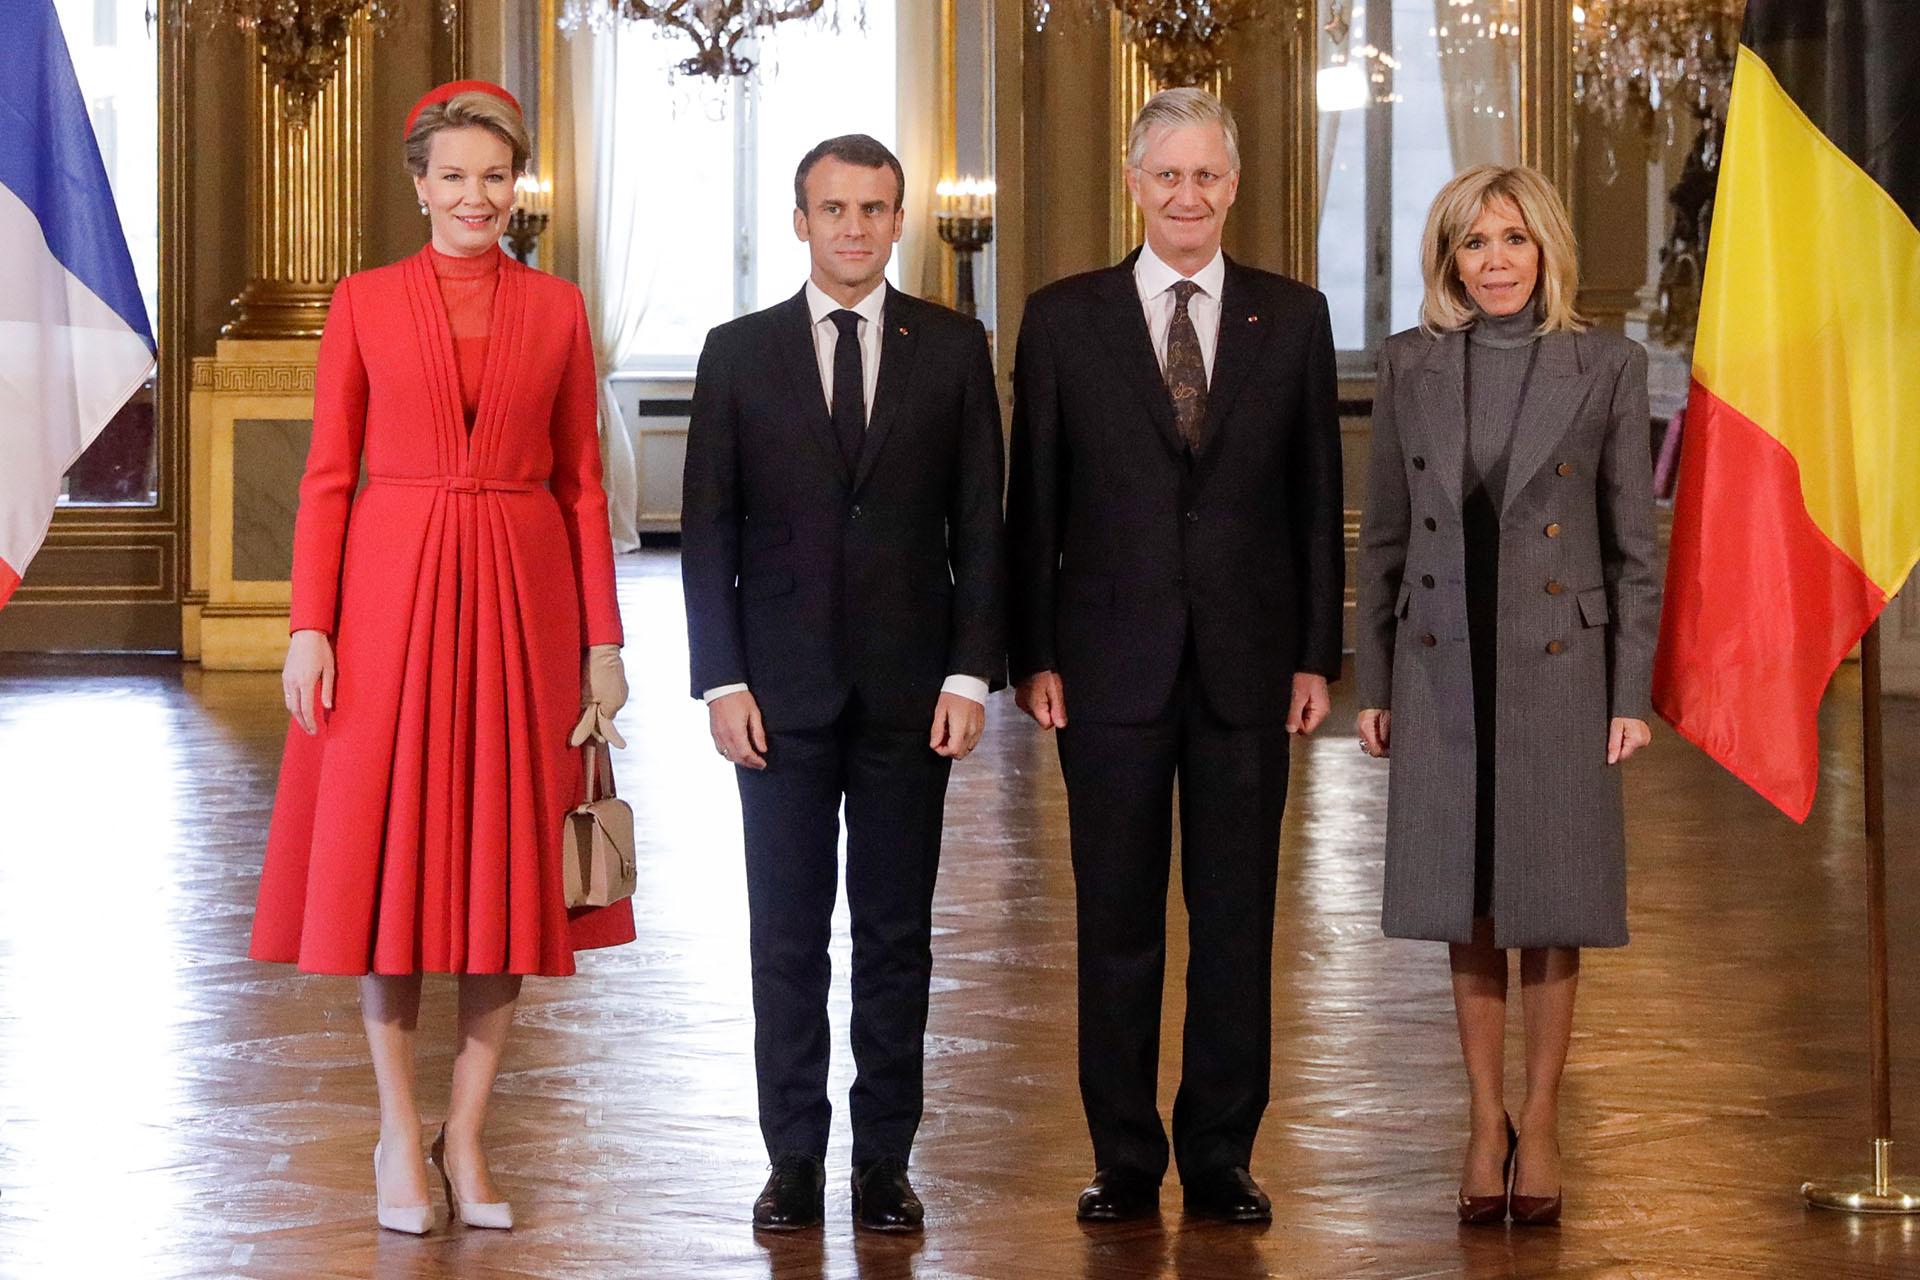 Los reyes de Mathilde y Philippe posan junto al presidente francés, Emmanuel Macron, y su mujer Brigitte en la Gran Galería del Palacio Real de Bélgica